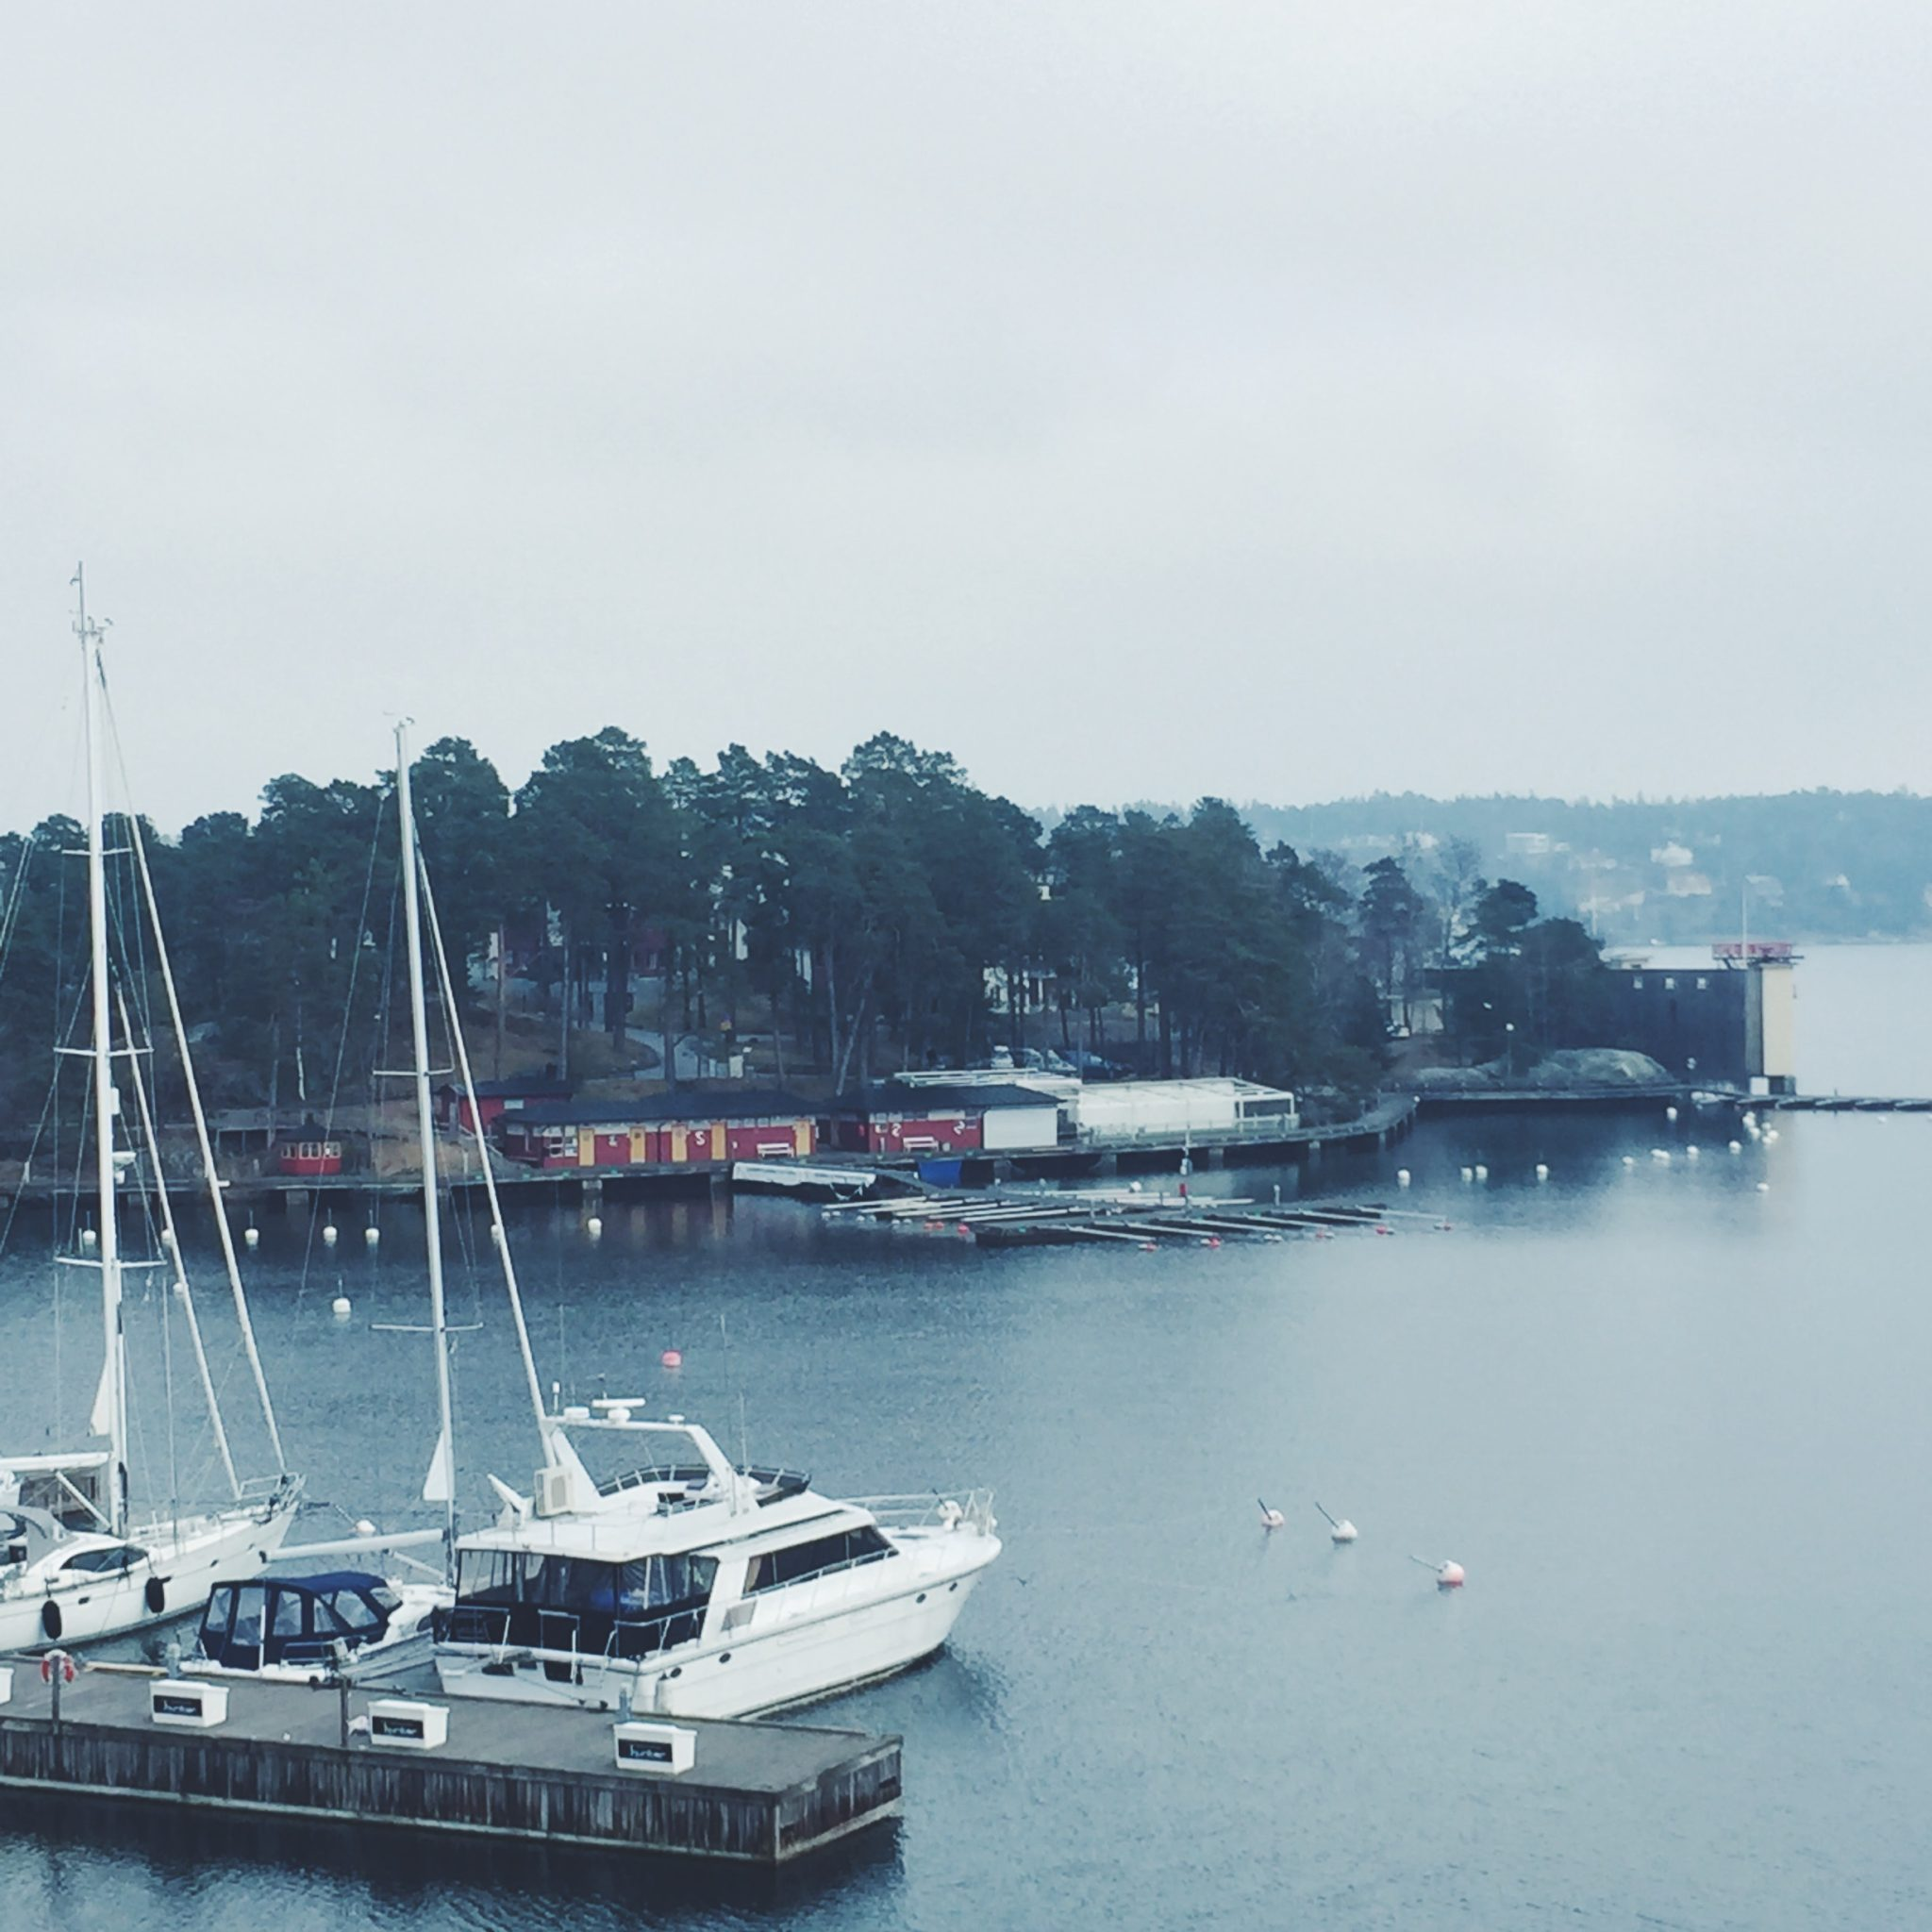 Ferie ved vandet, weekend i Sverige